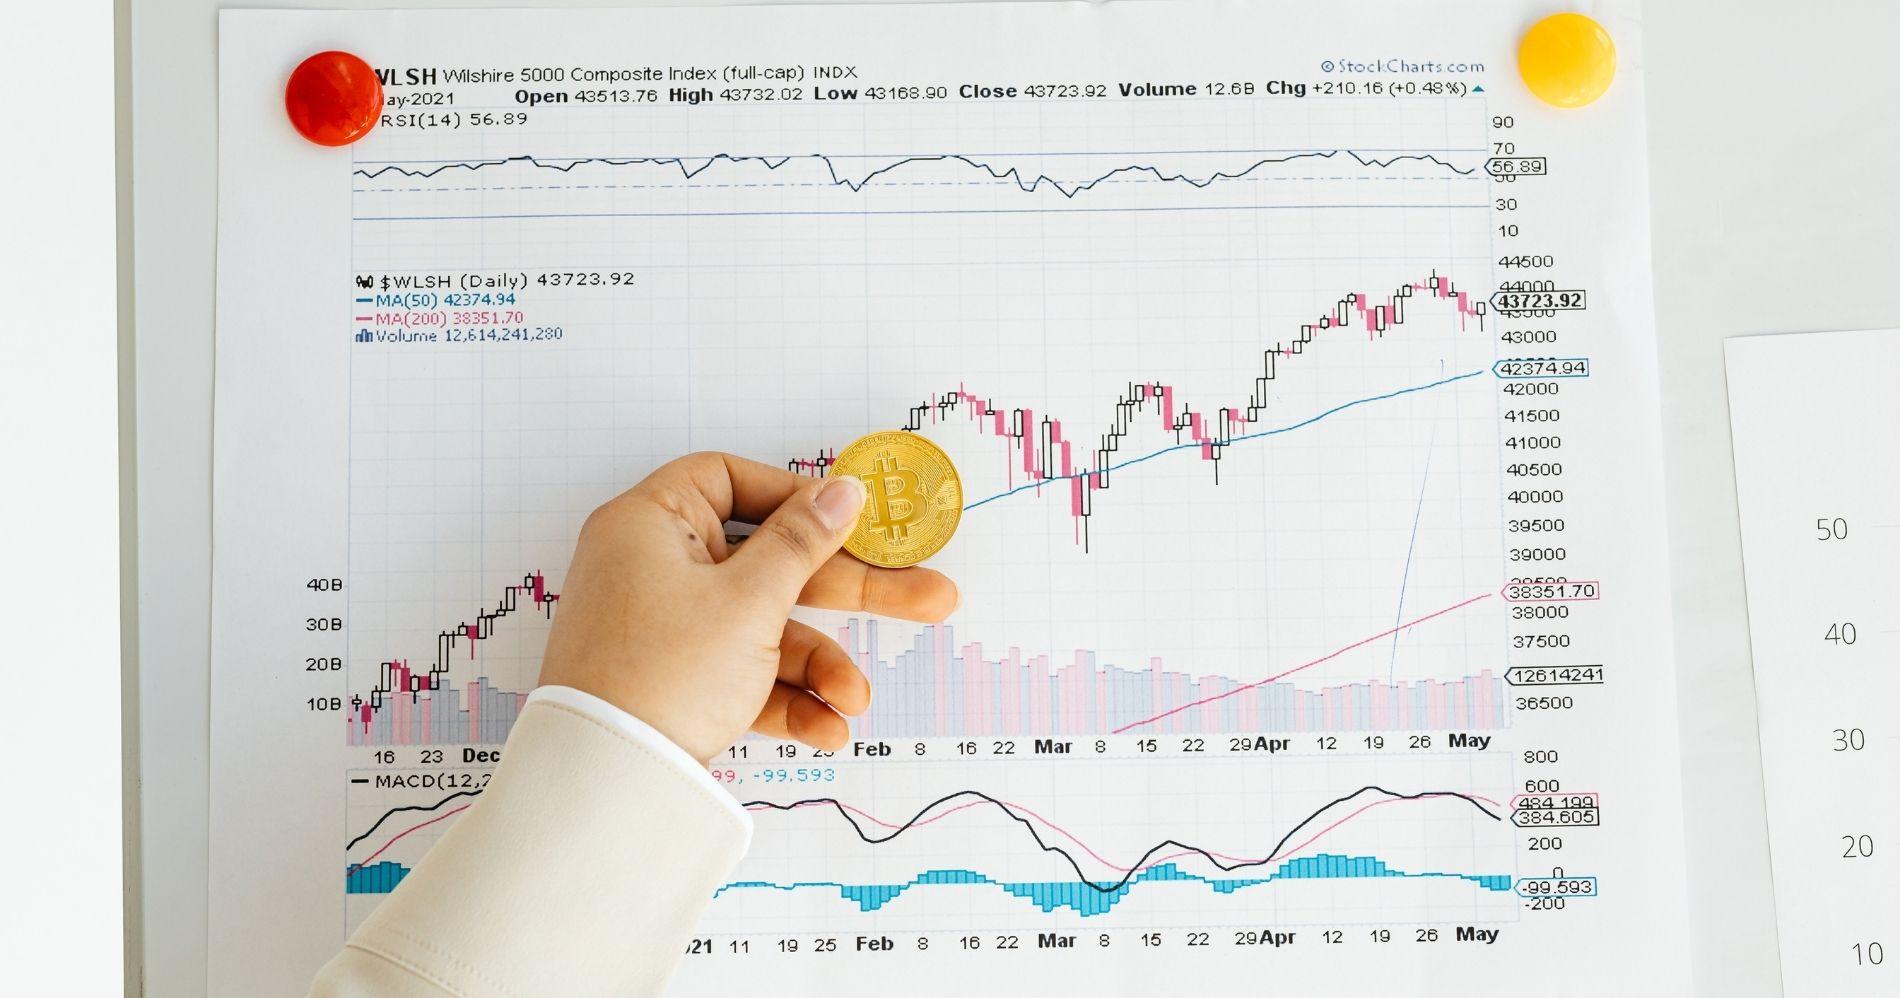 Ilustrasi Gambar Trader - Bisnis Muda - Canva.com